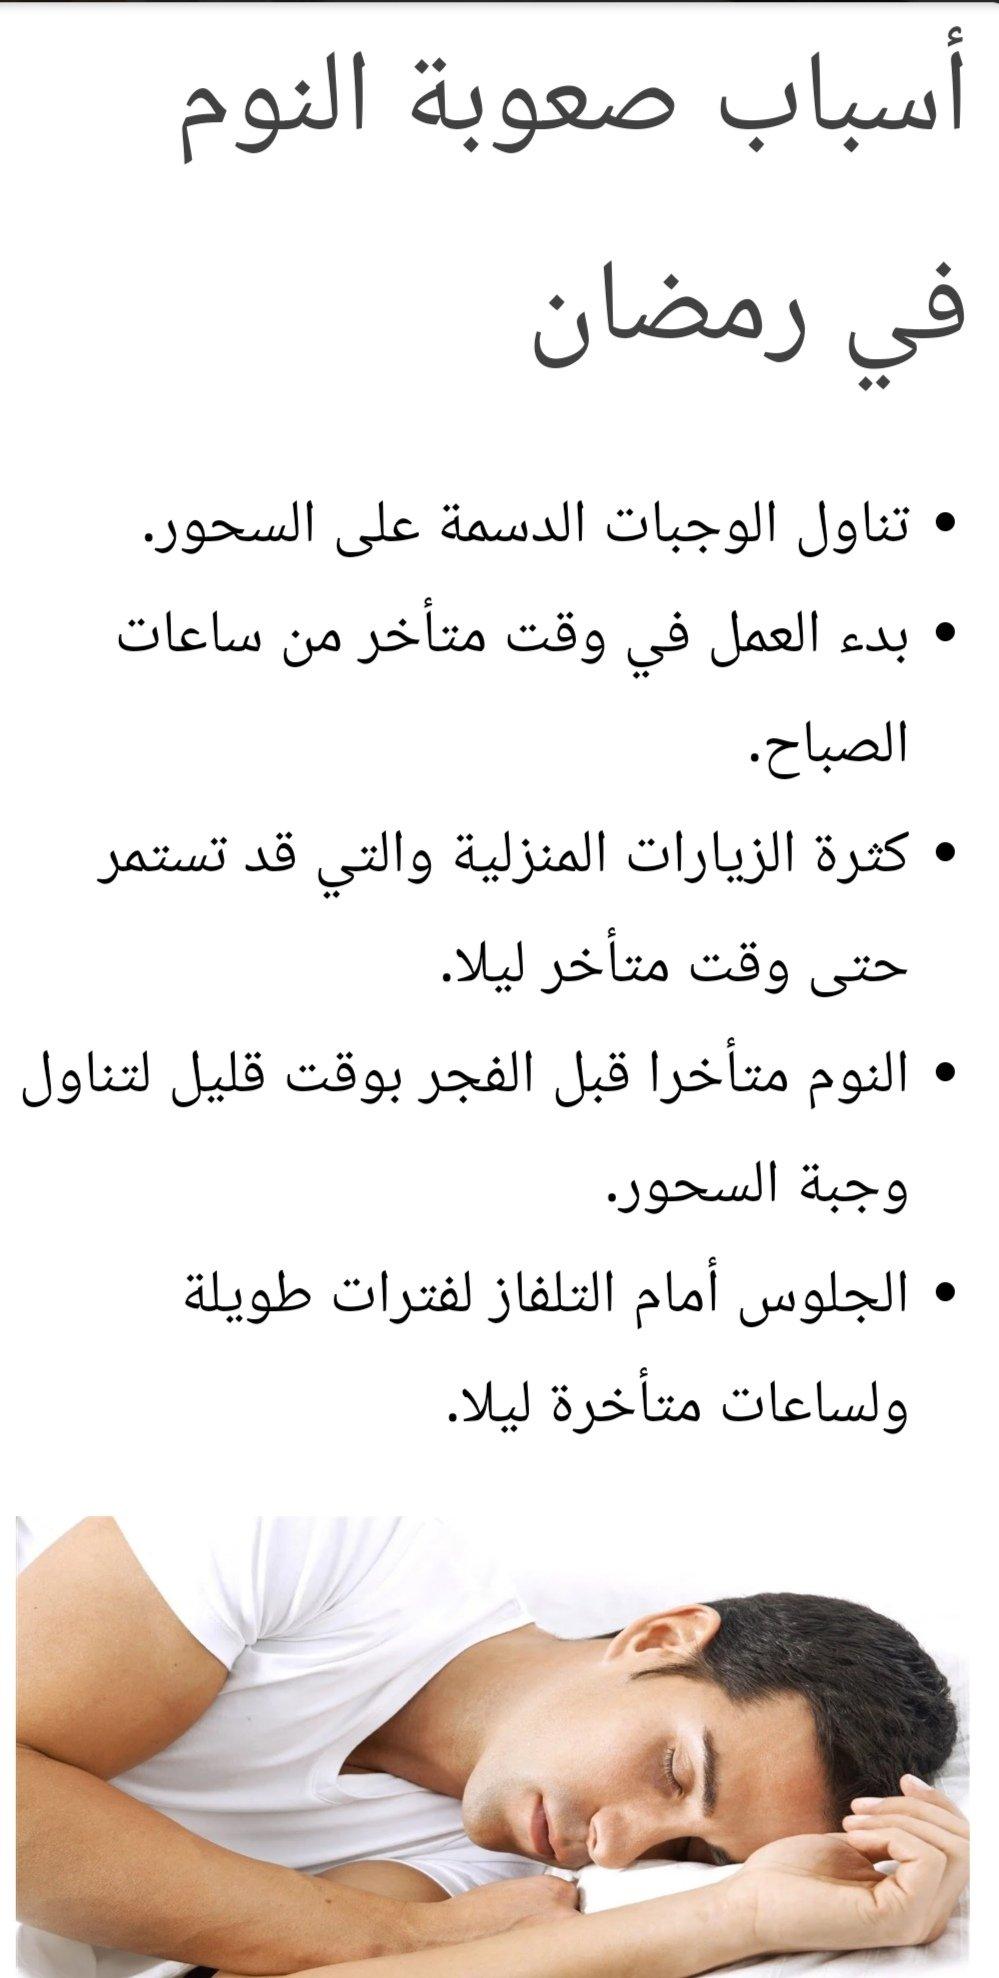 يحيى المسكري On Twitter رمضان أسباب صعوبة النوم في شهر رمضان يعاني الكثير من صعوبه النوم في شهر رمضان خاصة مع تغيير اوقات الطعام والسهر والأسباب الثانيه رمضان